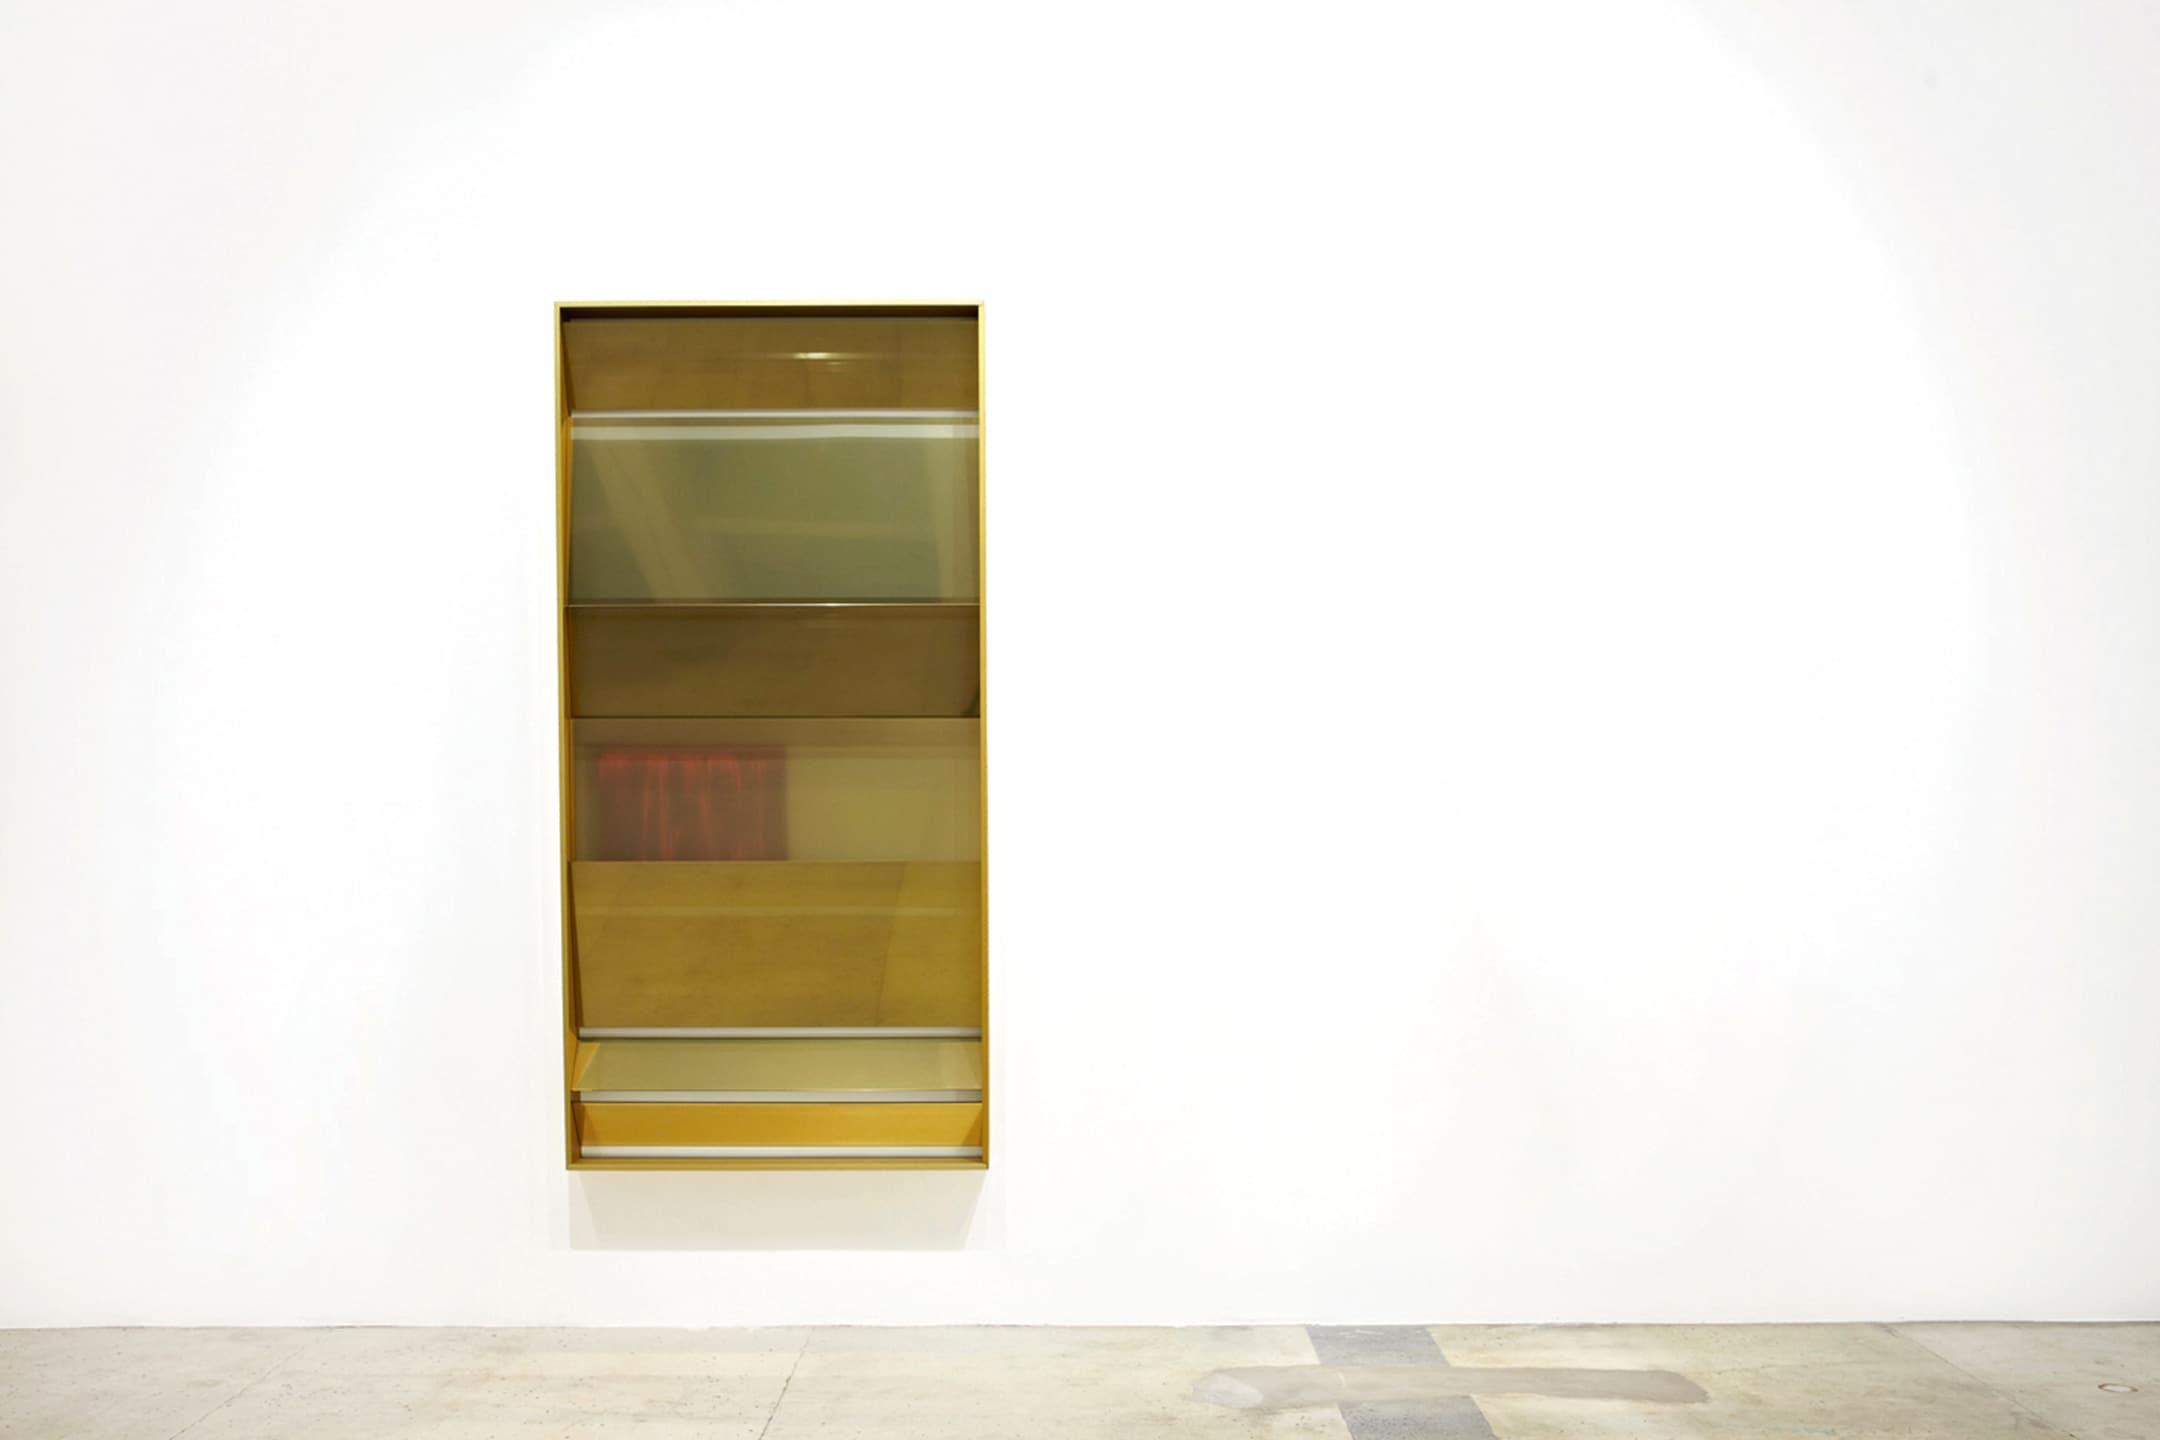 SLIDER-1106, 2011